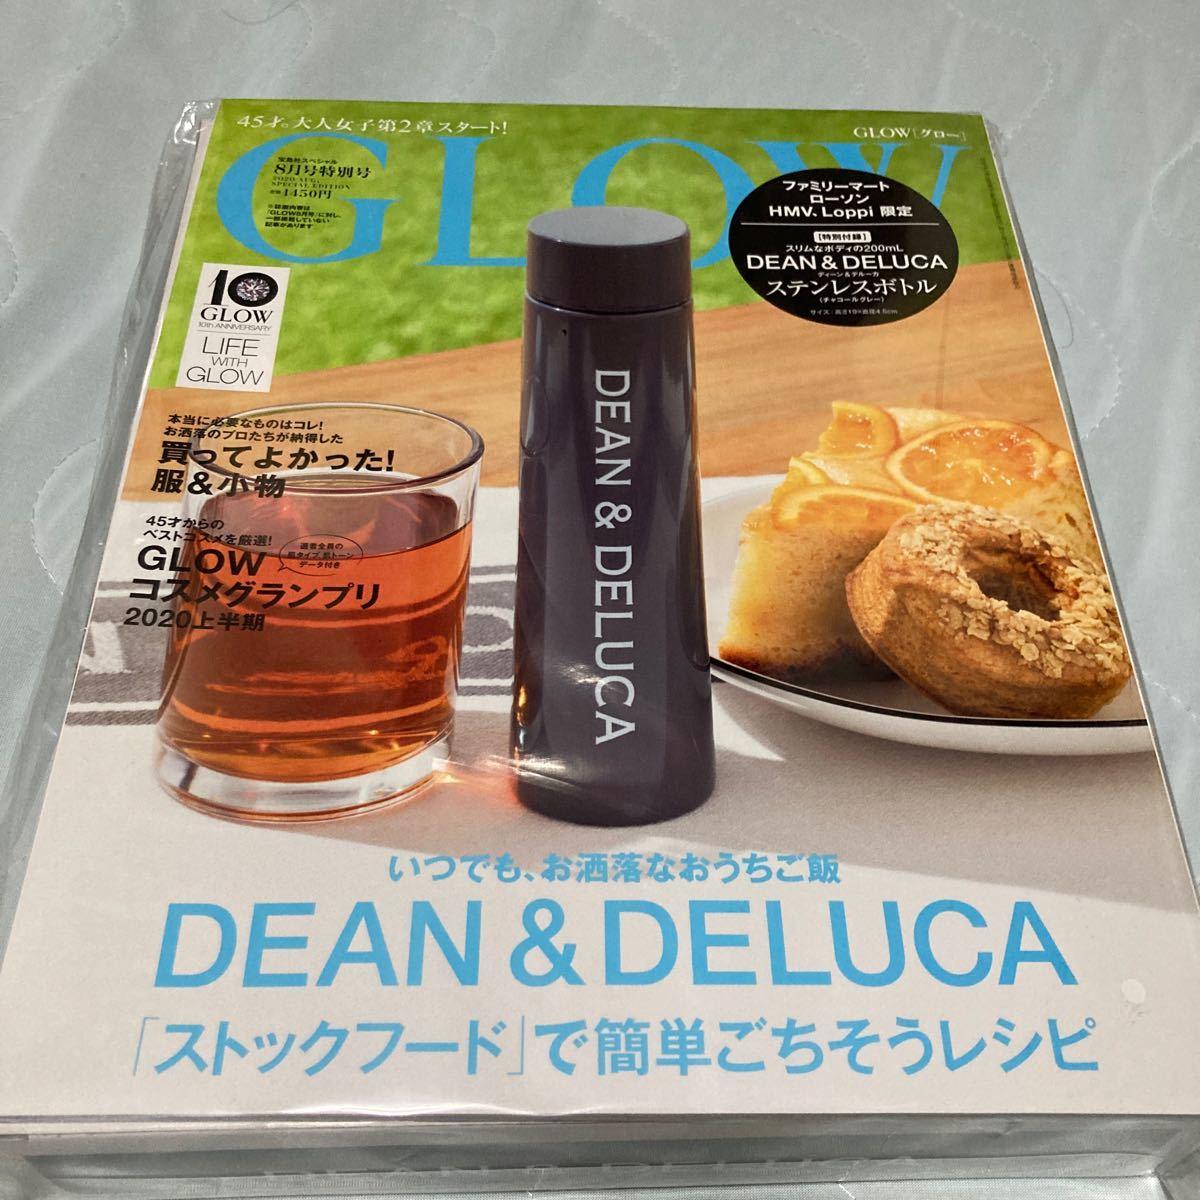 DEAN&DELUCA ステンレスボトル